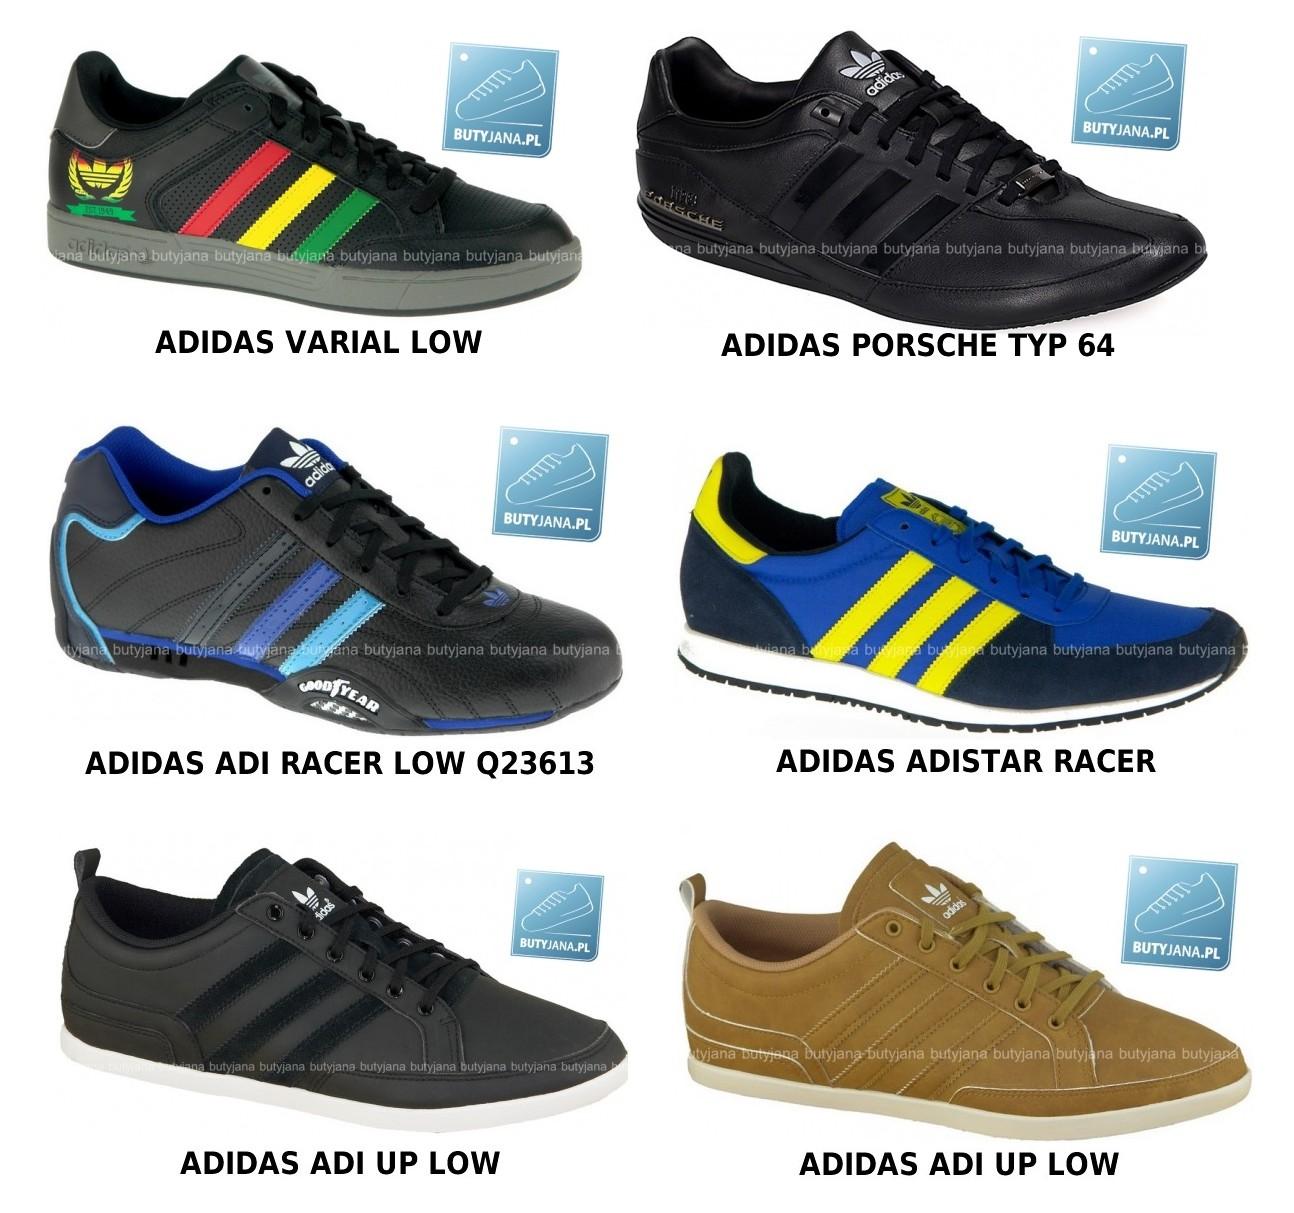 buty adidas nowa kolekcja 2016